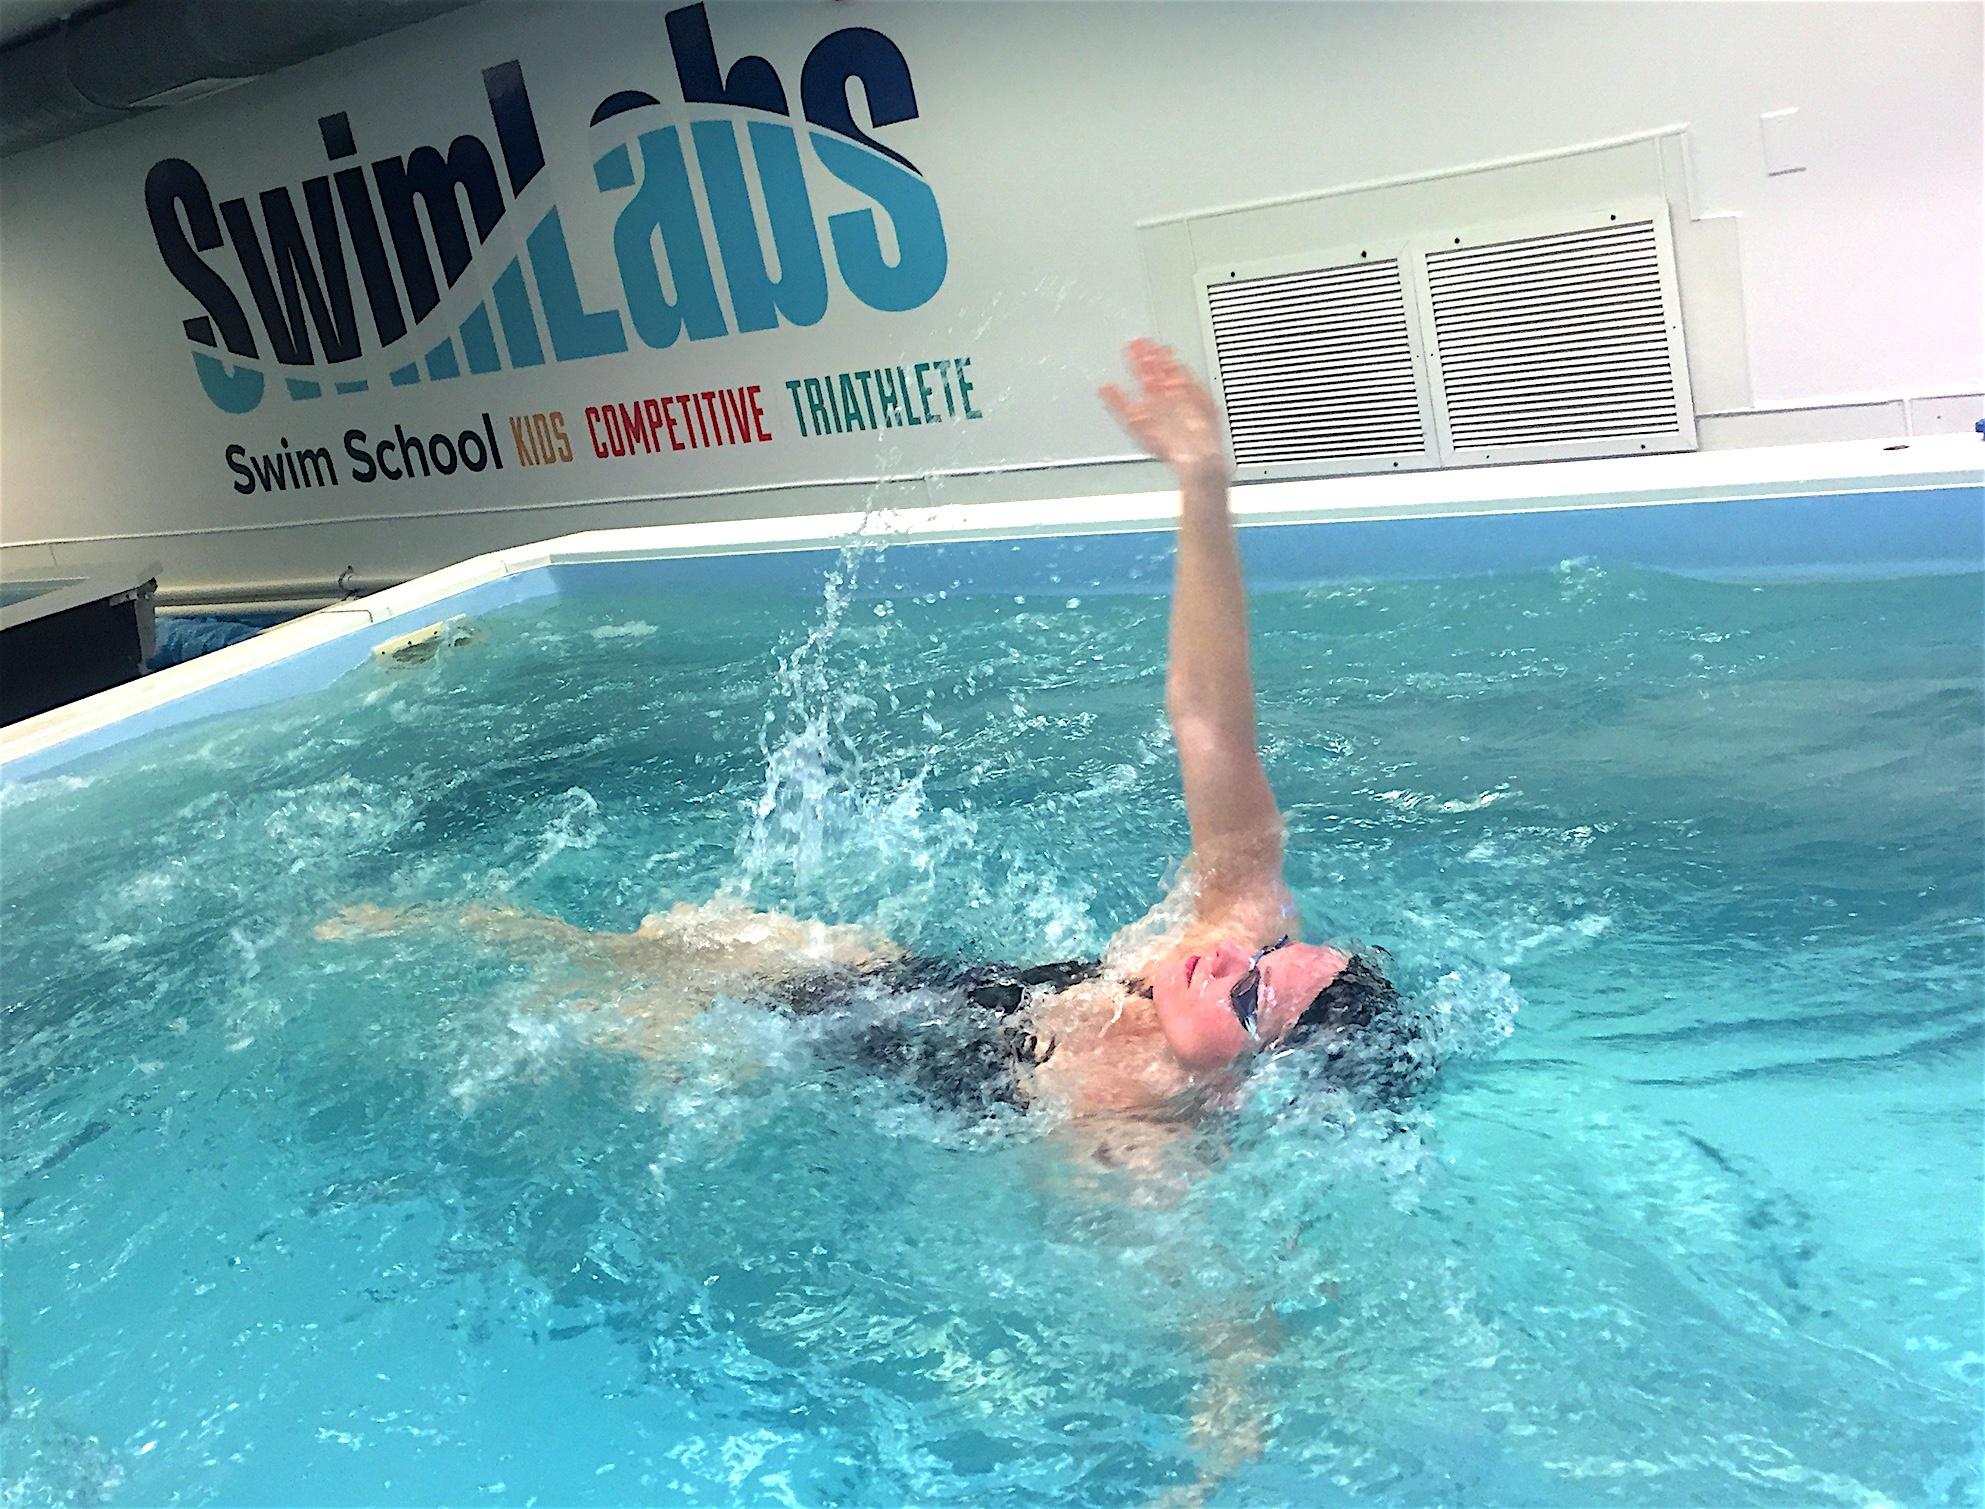 Backstroke at SwimLabs.jpg